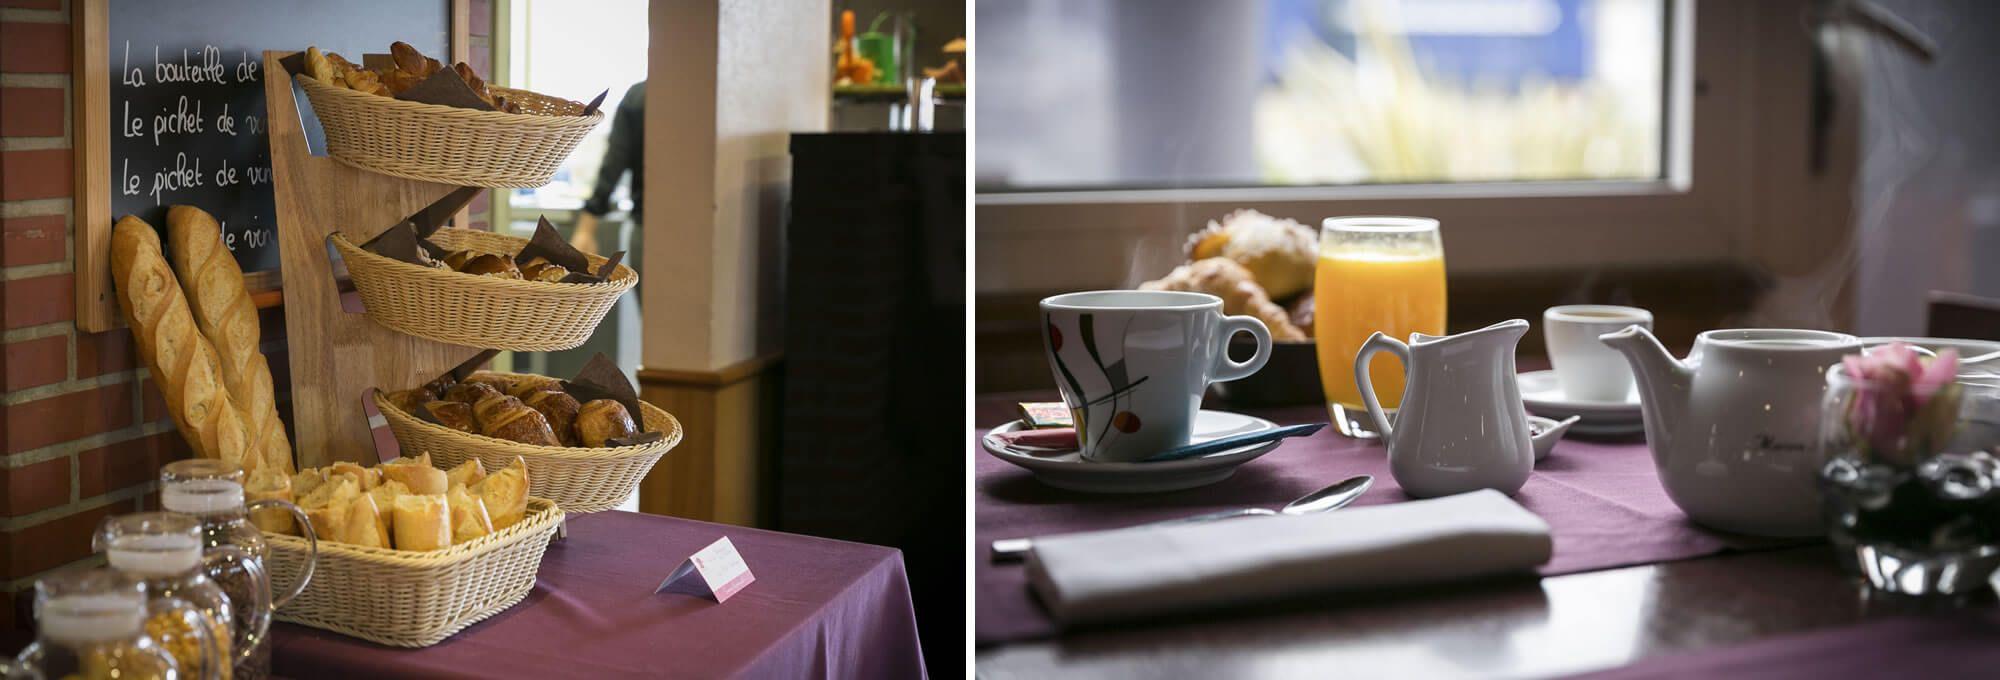 Petit-déjeuner en buffet à l'hôtel de Rennes